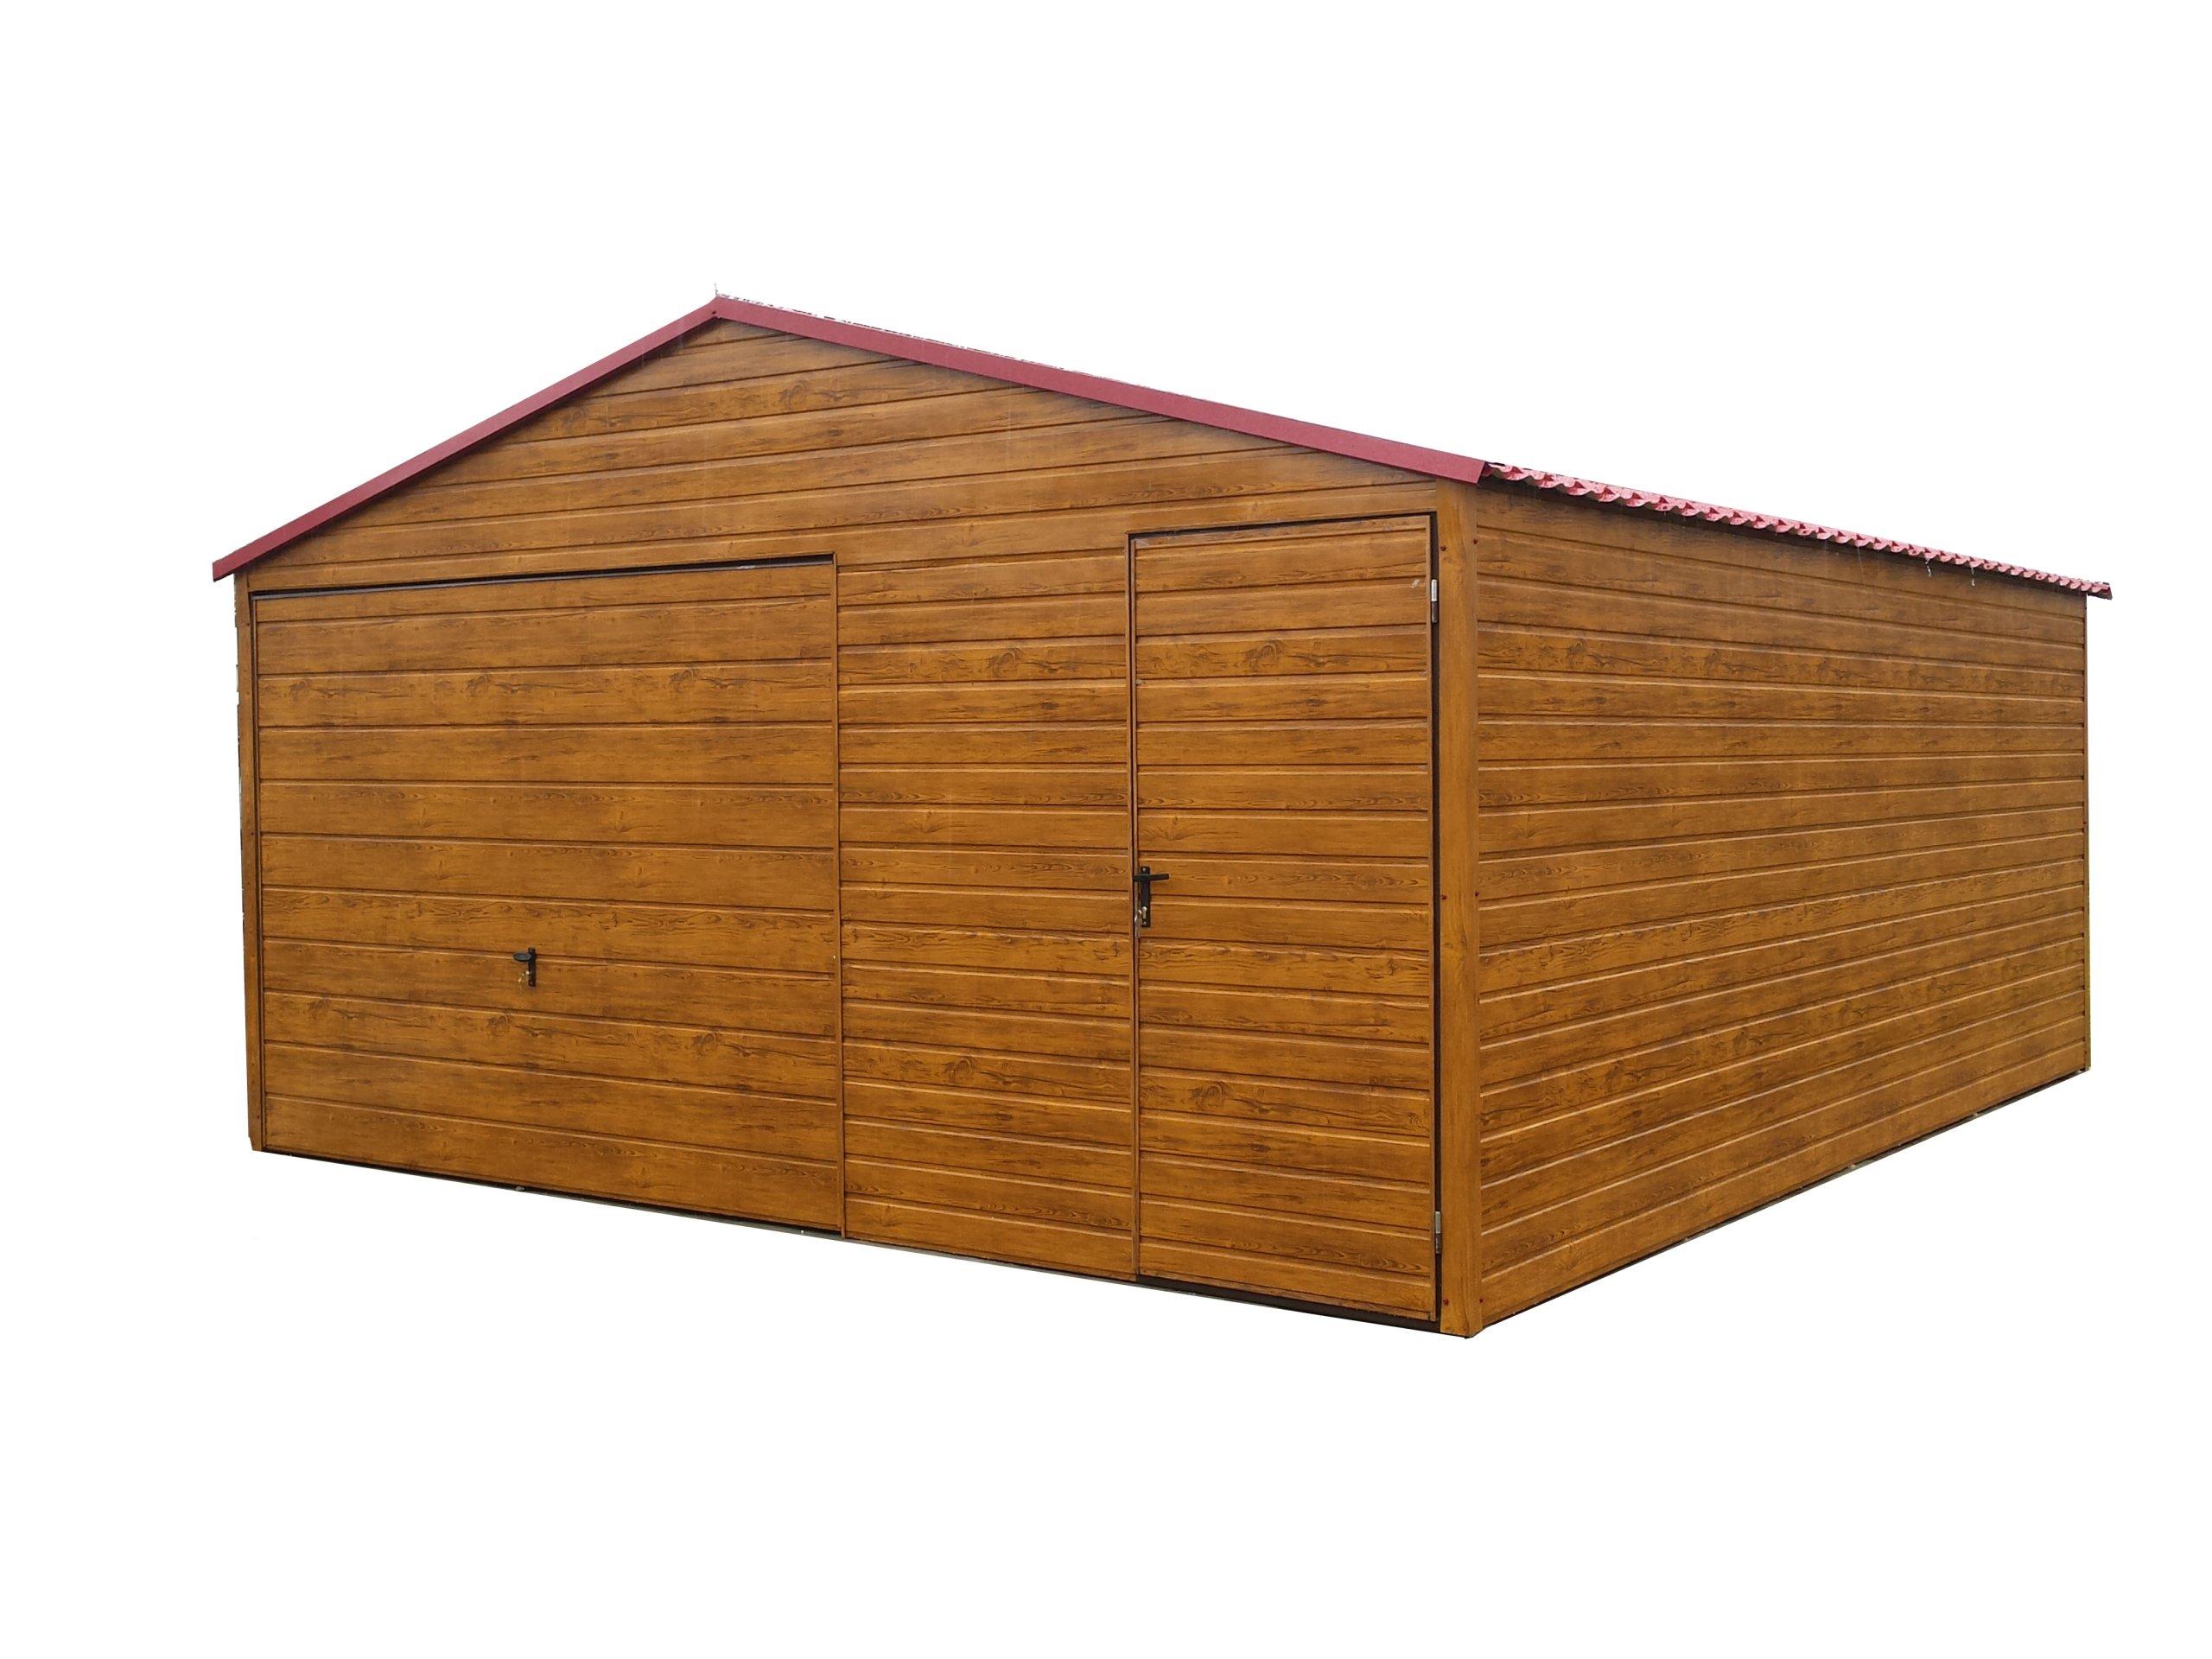 Garaż Blaszany Garaże Blaszane Blaszak 5x6 Płock 7310248160